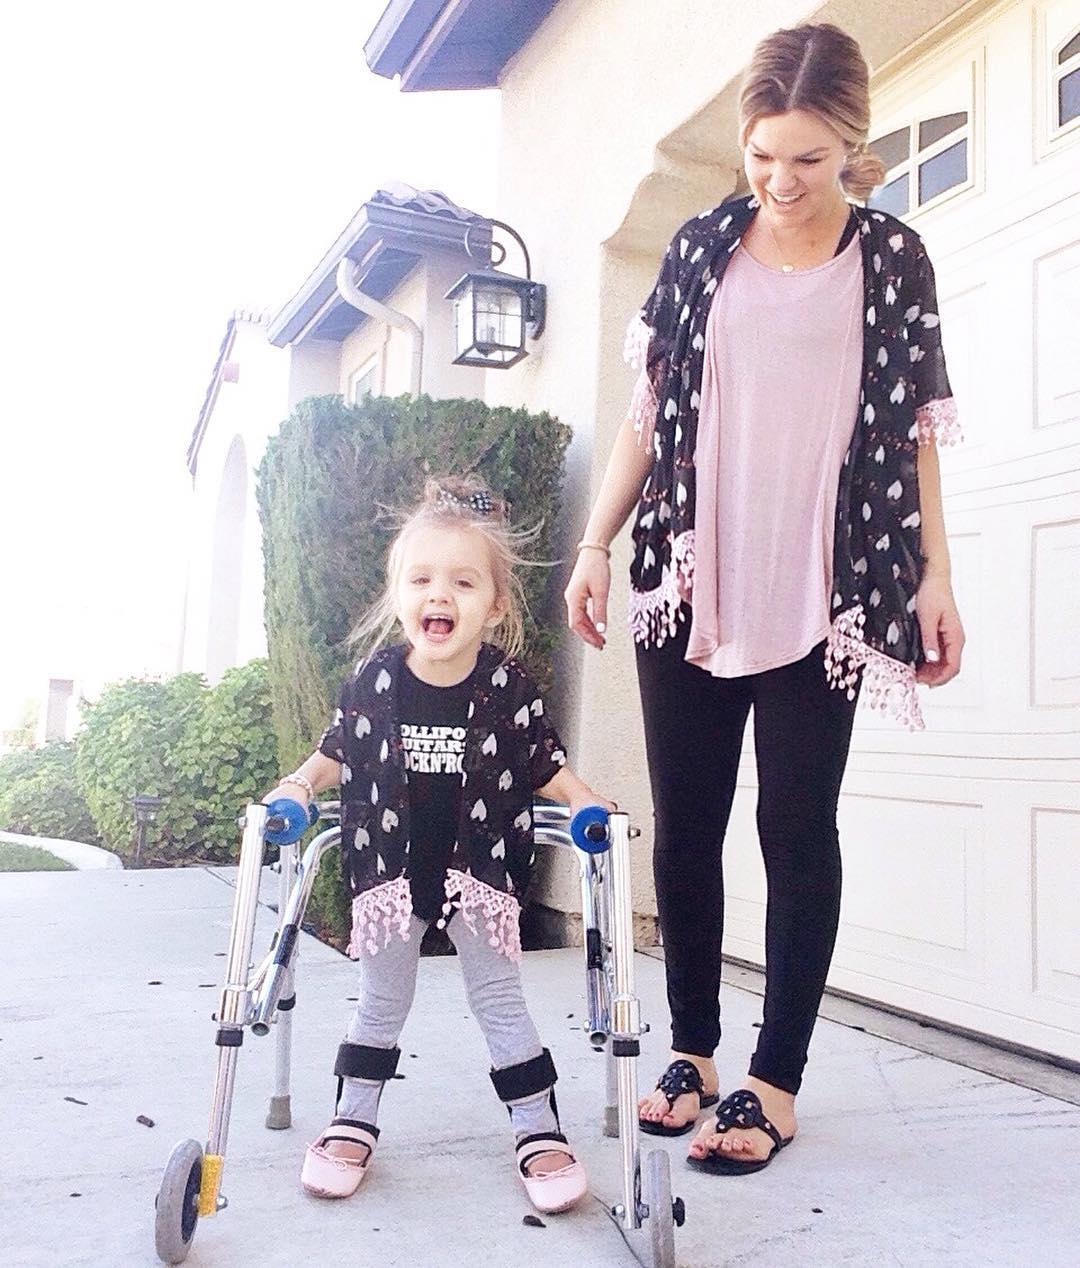 Marca de ropa de las Kardashian publica foto de una niña con parálisis cerebral y miren lo que pasó 04